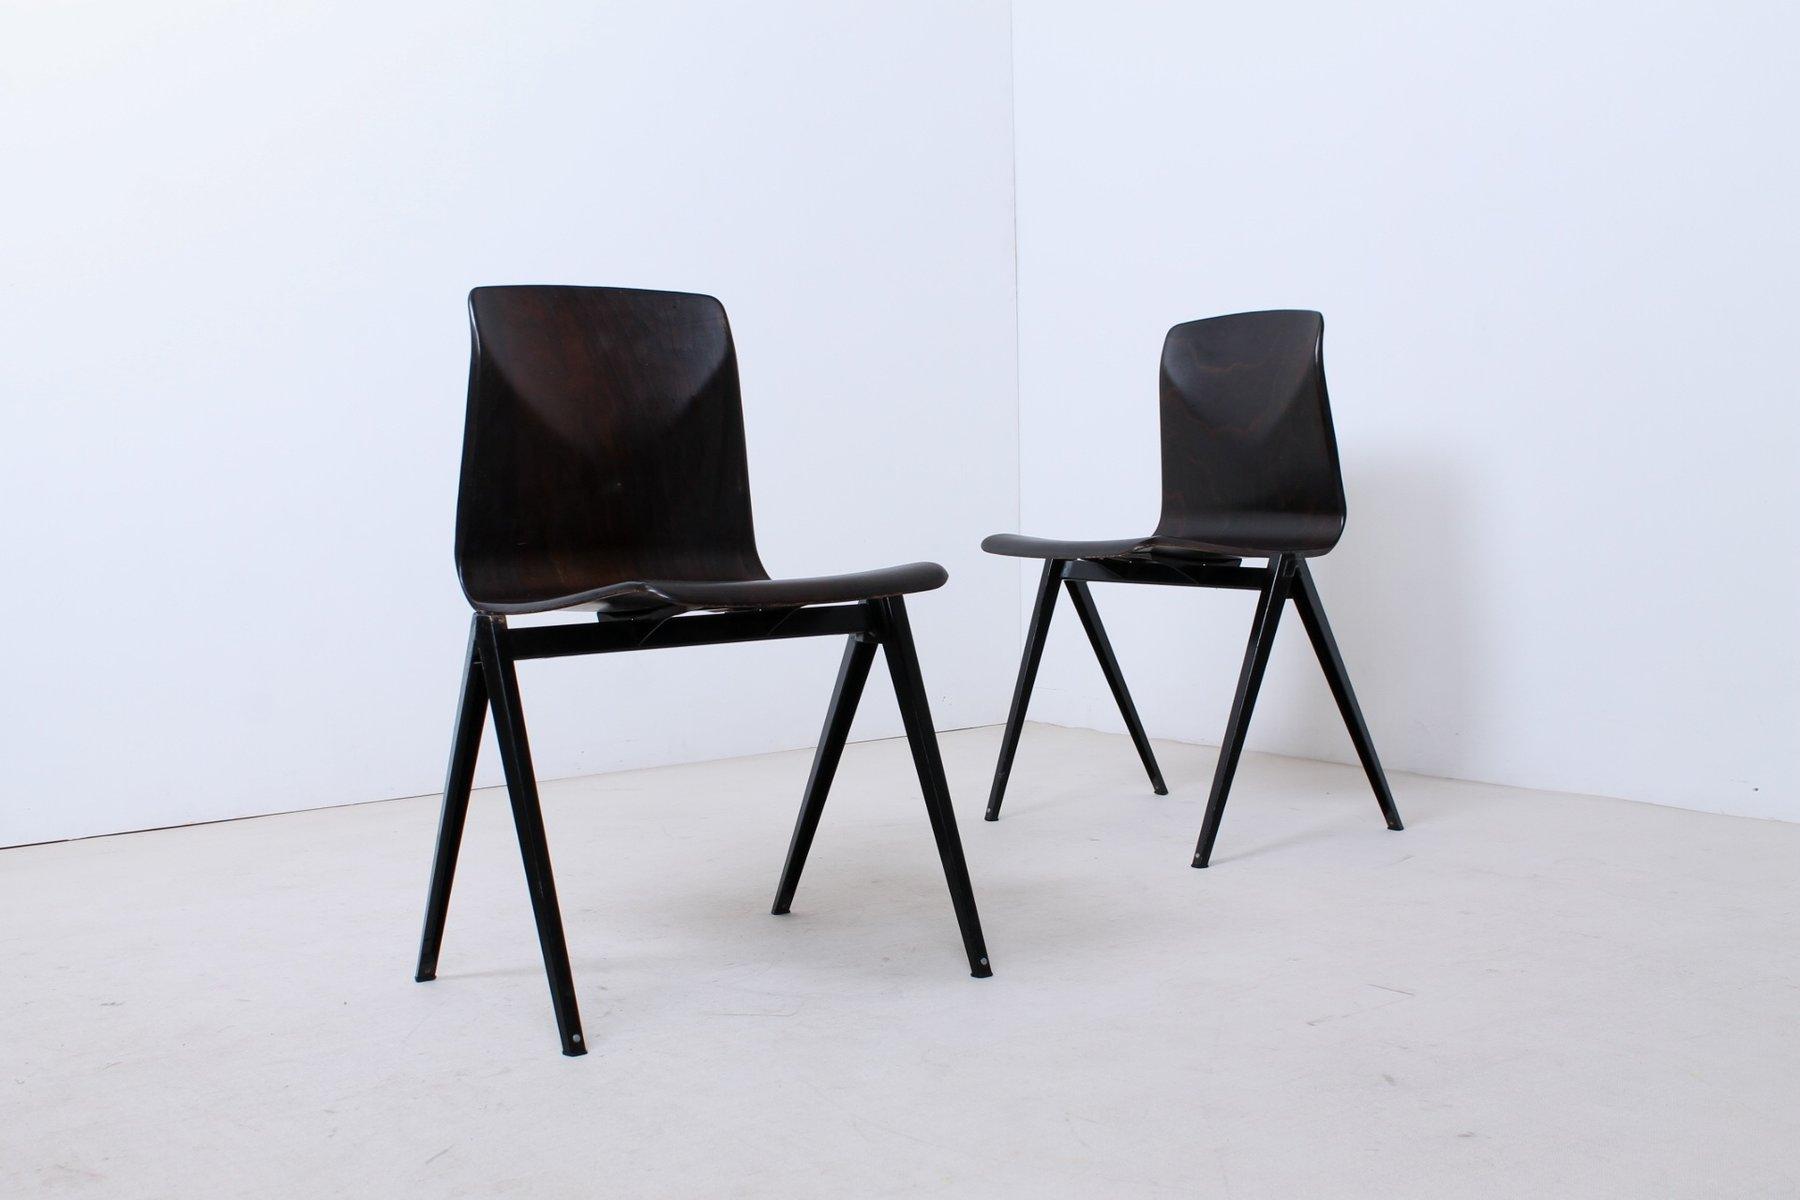 schwarze s 22 thur op seat st hle von galvanitas 1960er. Black Bedroom Furniture Sets. Home Design Ideas